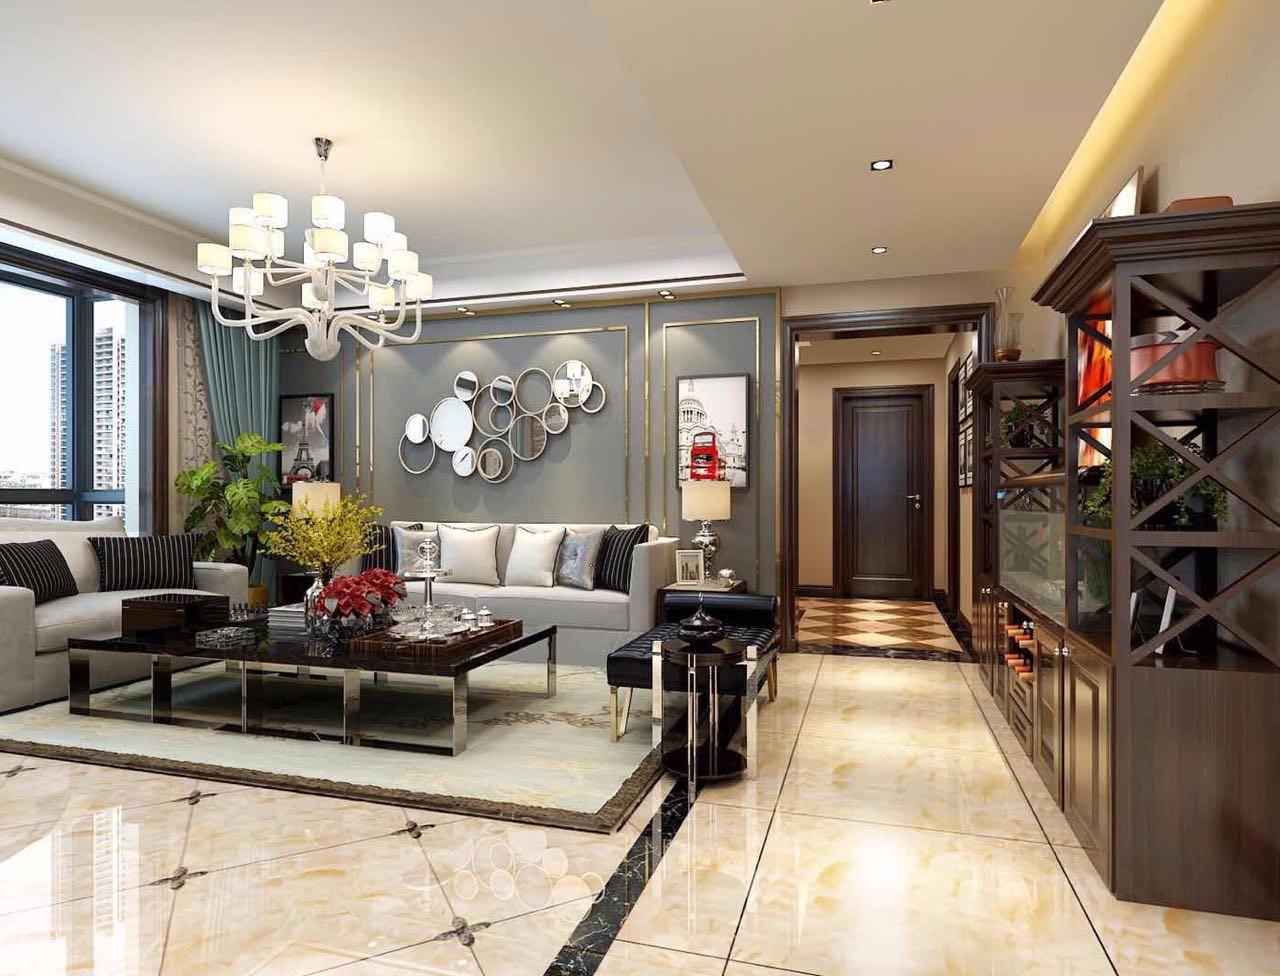 2室2卫1厅149平米现代简约风格